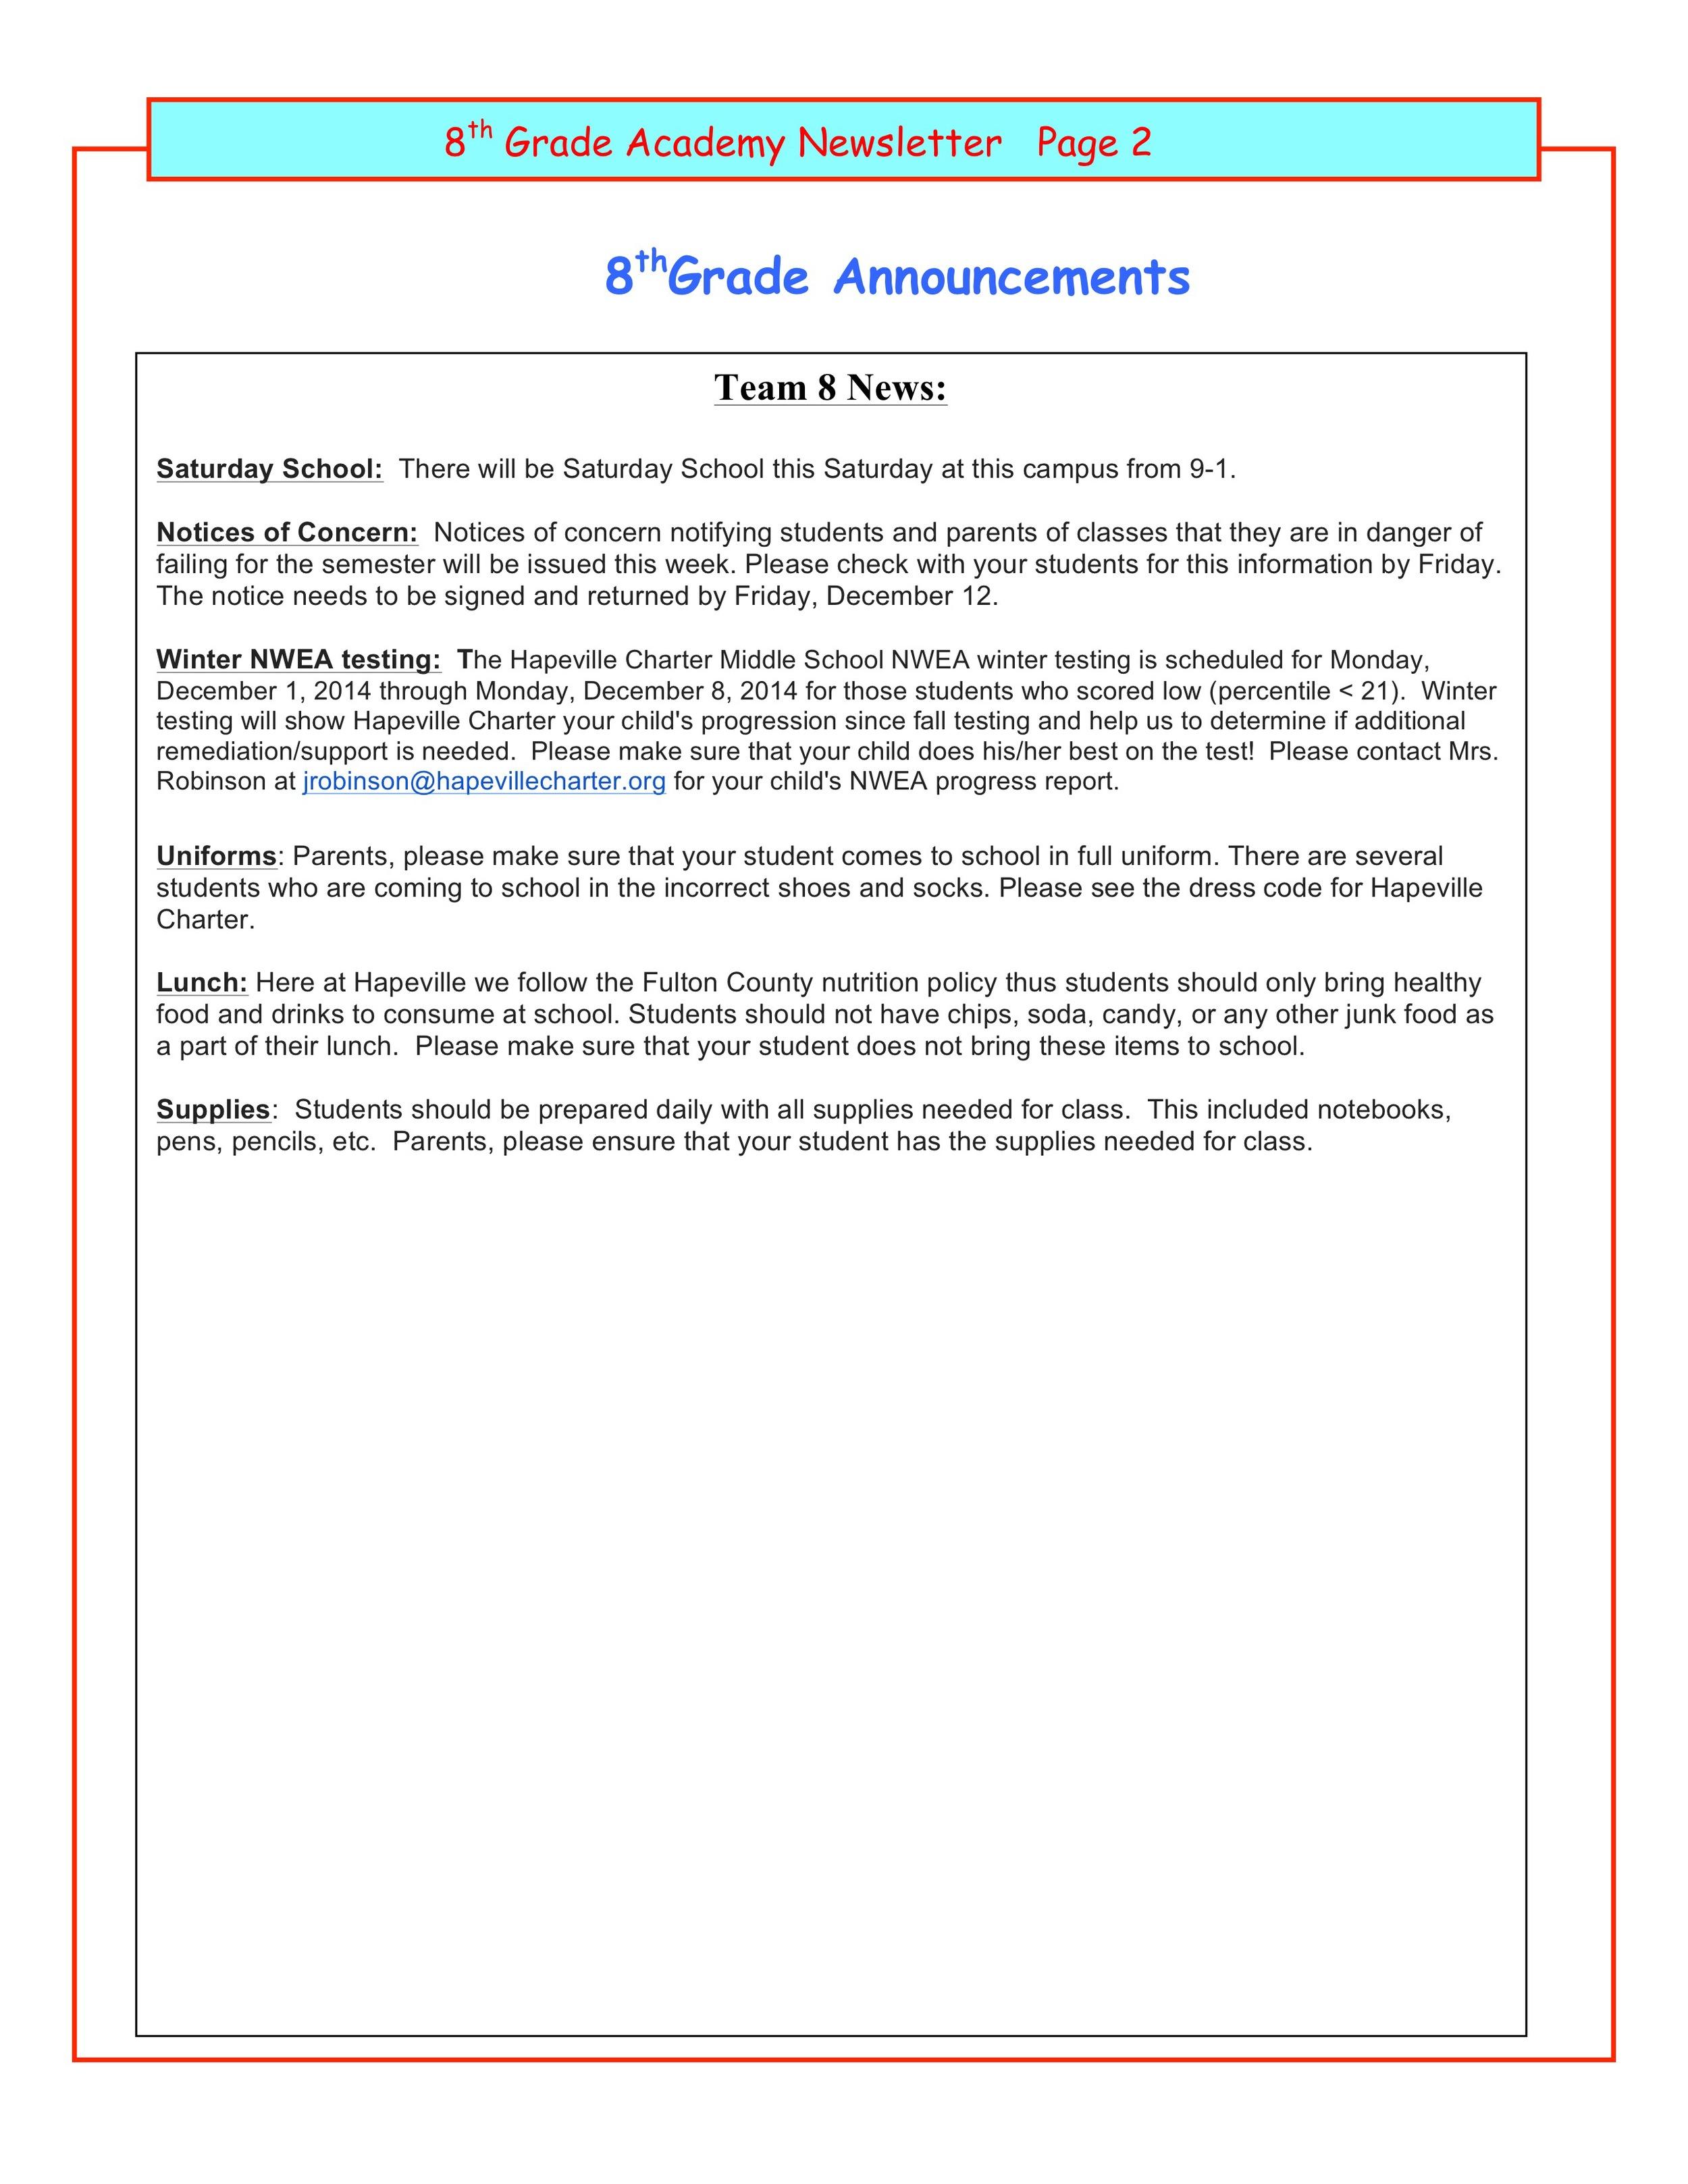 Newsletter ImageDecember 1 2.jpeg